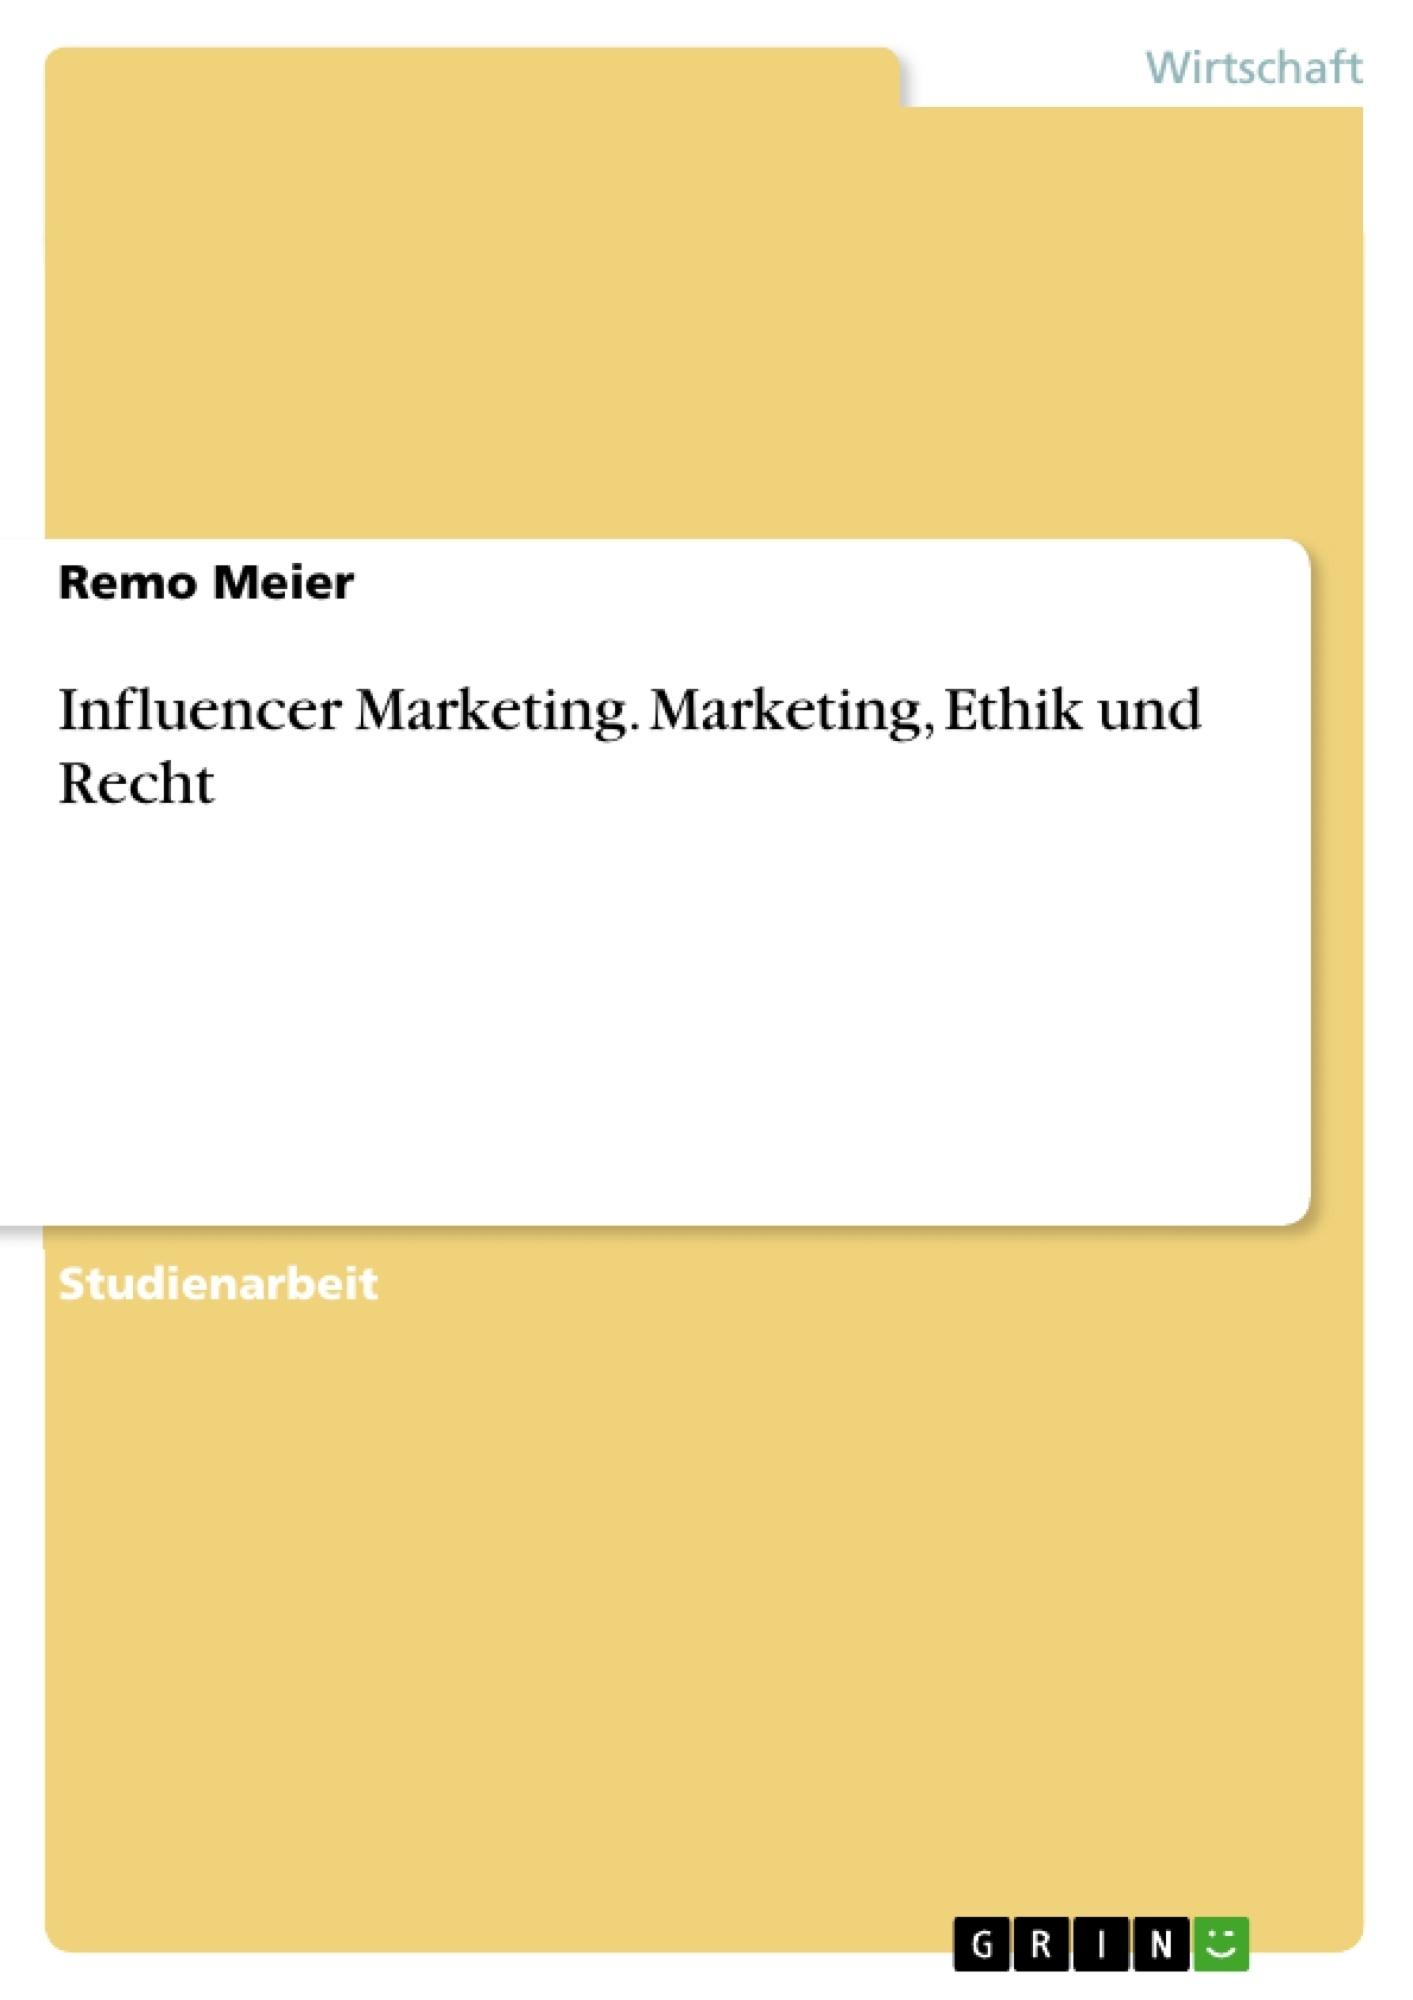 Titel: Influencer Marketing. Marketing, Ethik und Recht